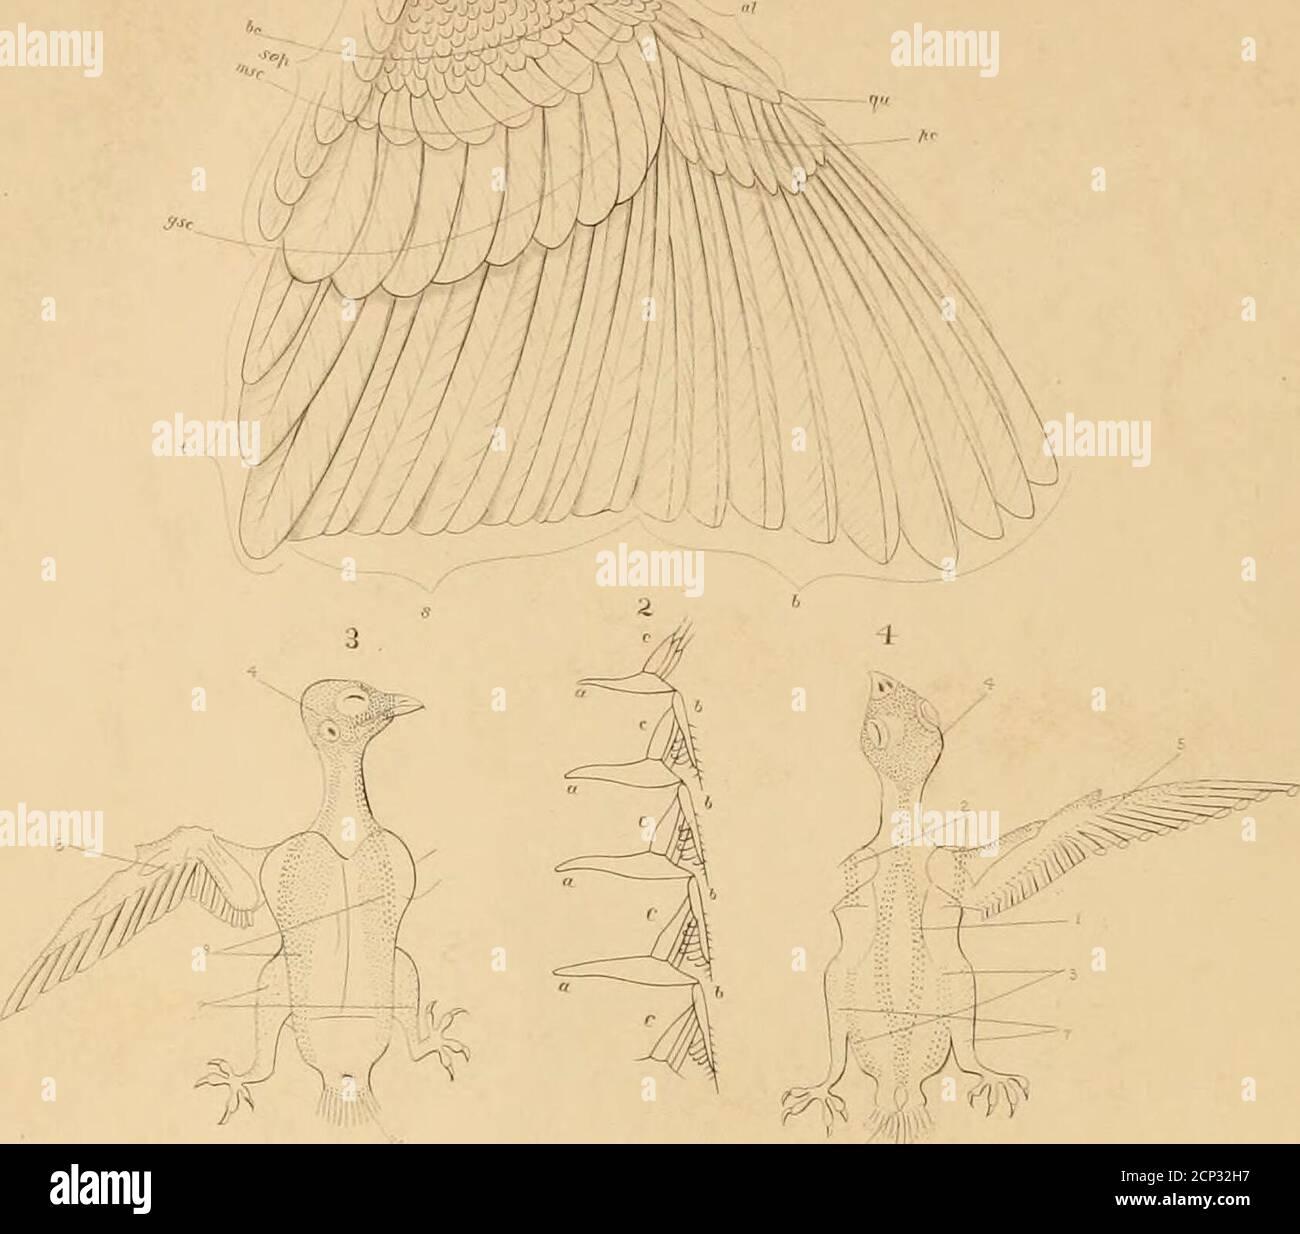 . Clave para las aves de América del Norte; contiene un relato conciso de cada especie de ave viva y fósil conocida actualmente desde el continente al norte de la frontera de México y Estados Unidos. llf m/fjif,:keytonortameric00cou Foto de stock